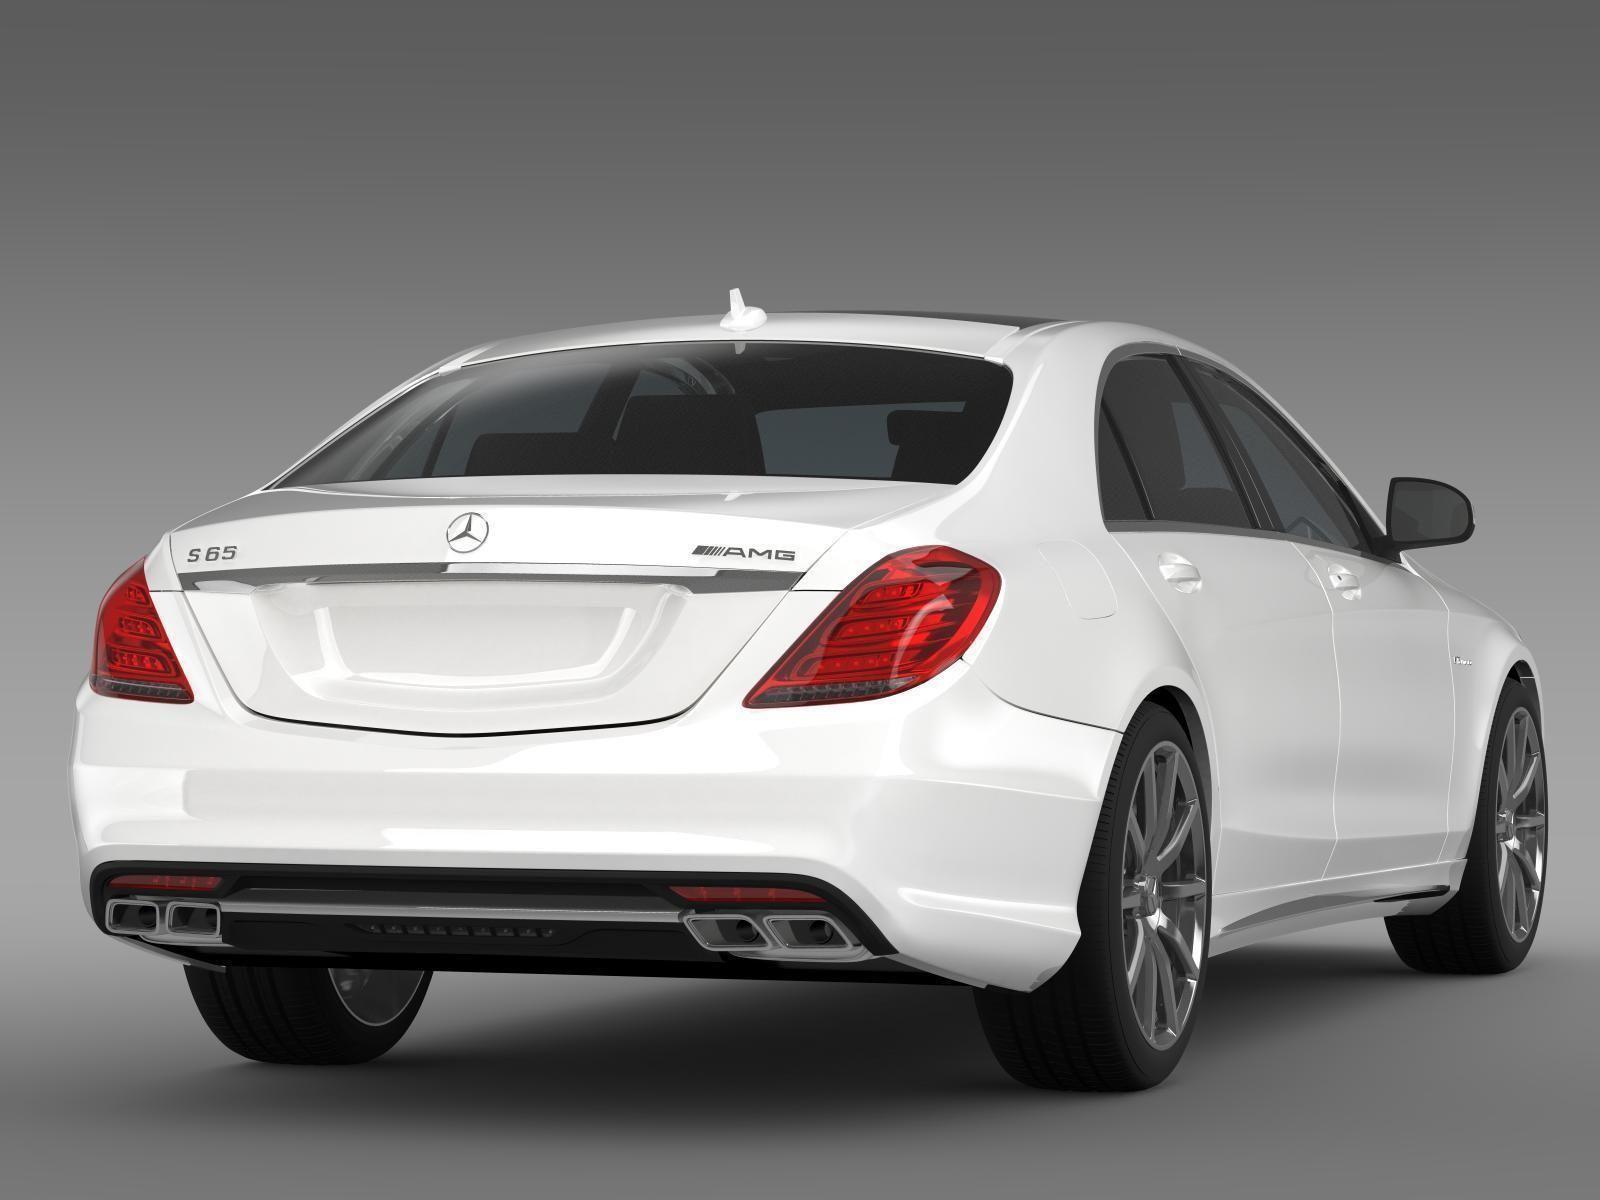 Mercedes benz s 65 amg w222 2014 3d model max obj 3ds for Mercedes benz 2014 models